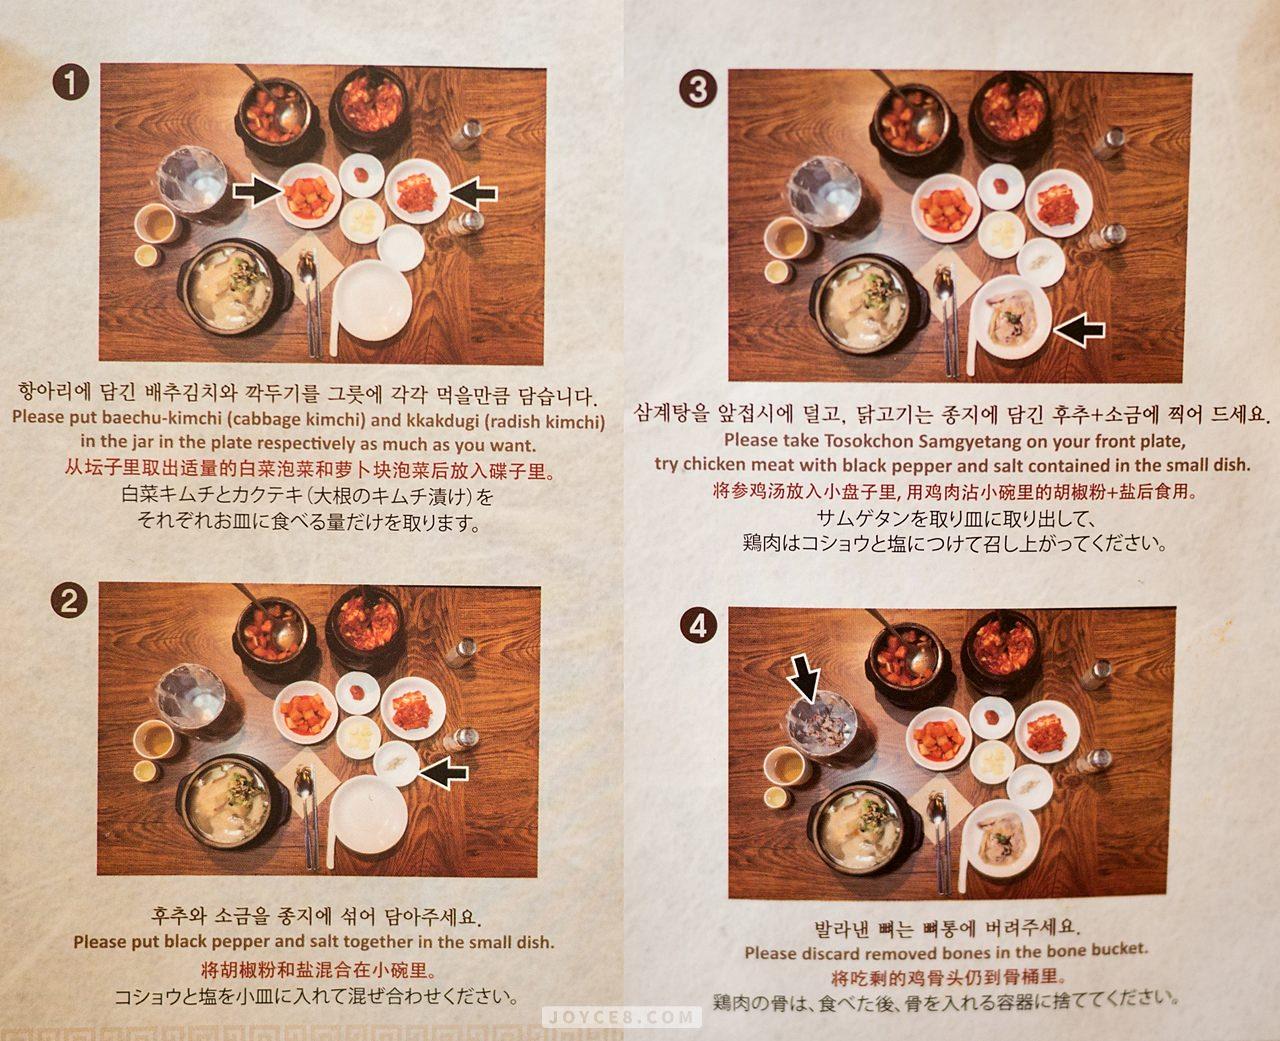 土俗村蔘雞湯菜單,土俗村蔘雞湯中文菜單 5